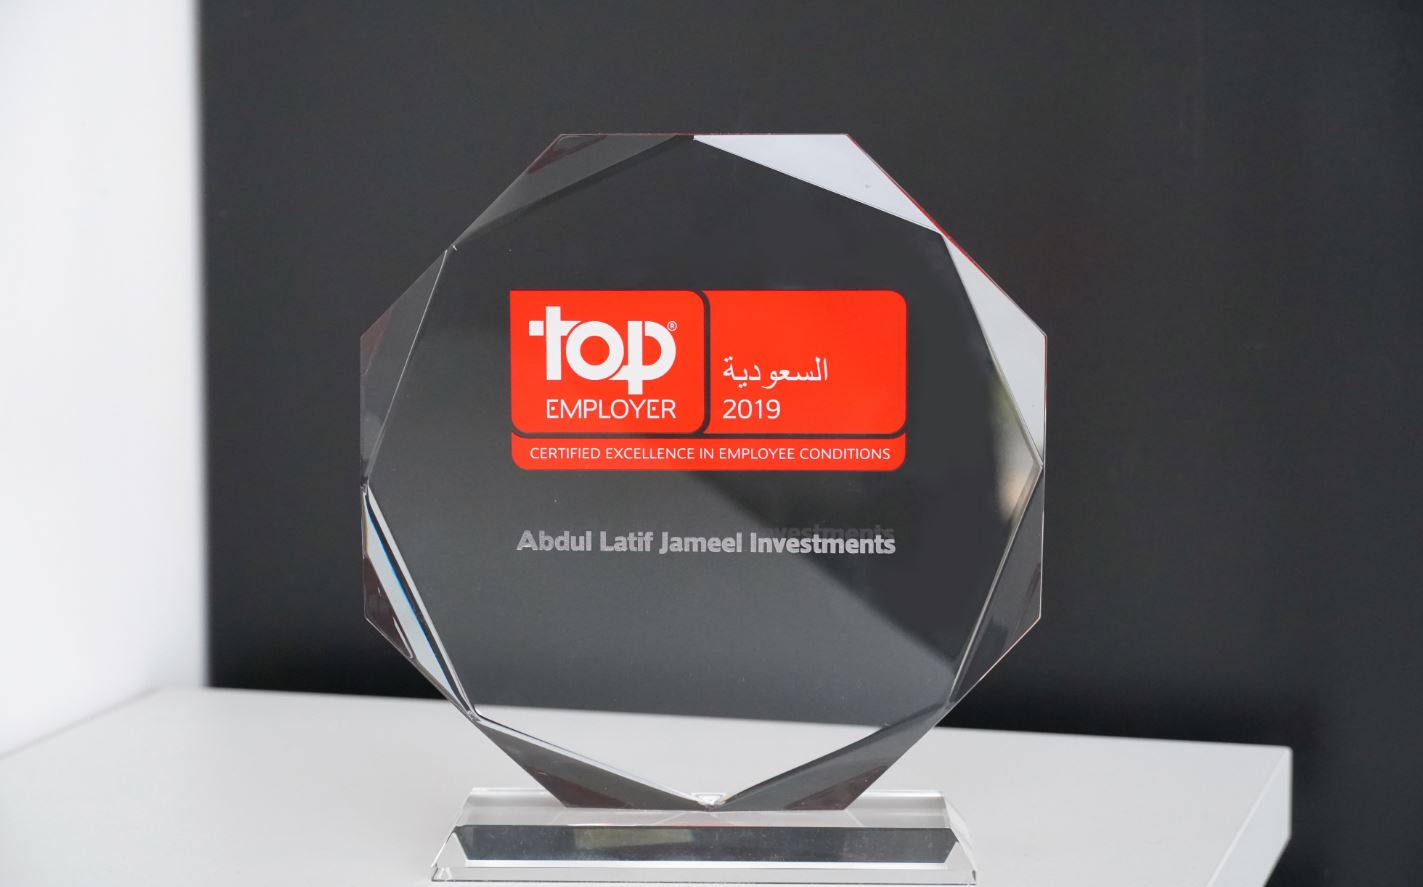 Abdul Latif Jameel Investments, Suudi Arabistan'daki en iyi iş yerlerinden biri olarak kabul edildi